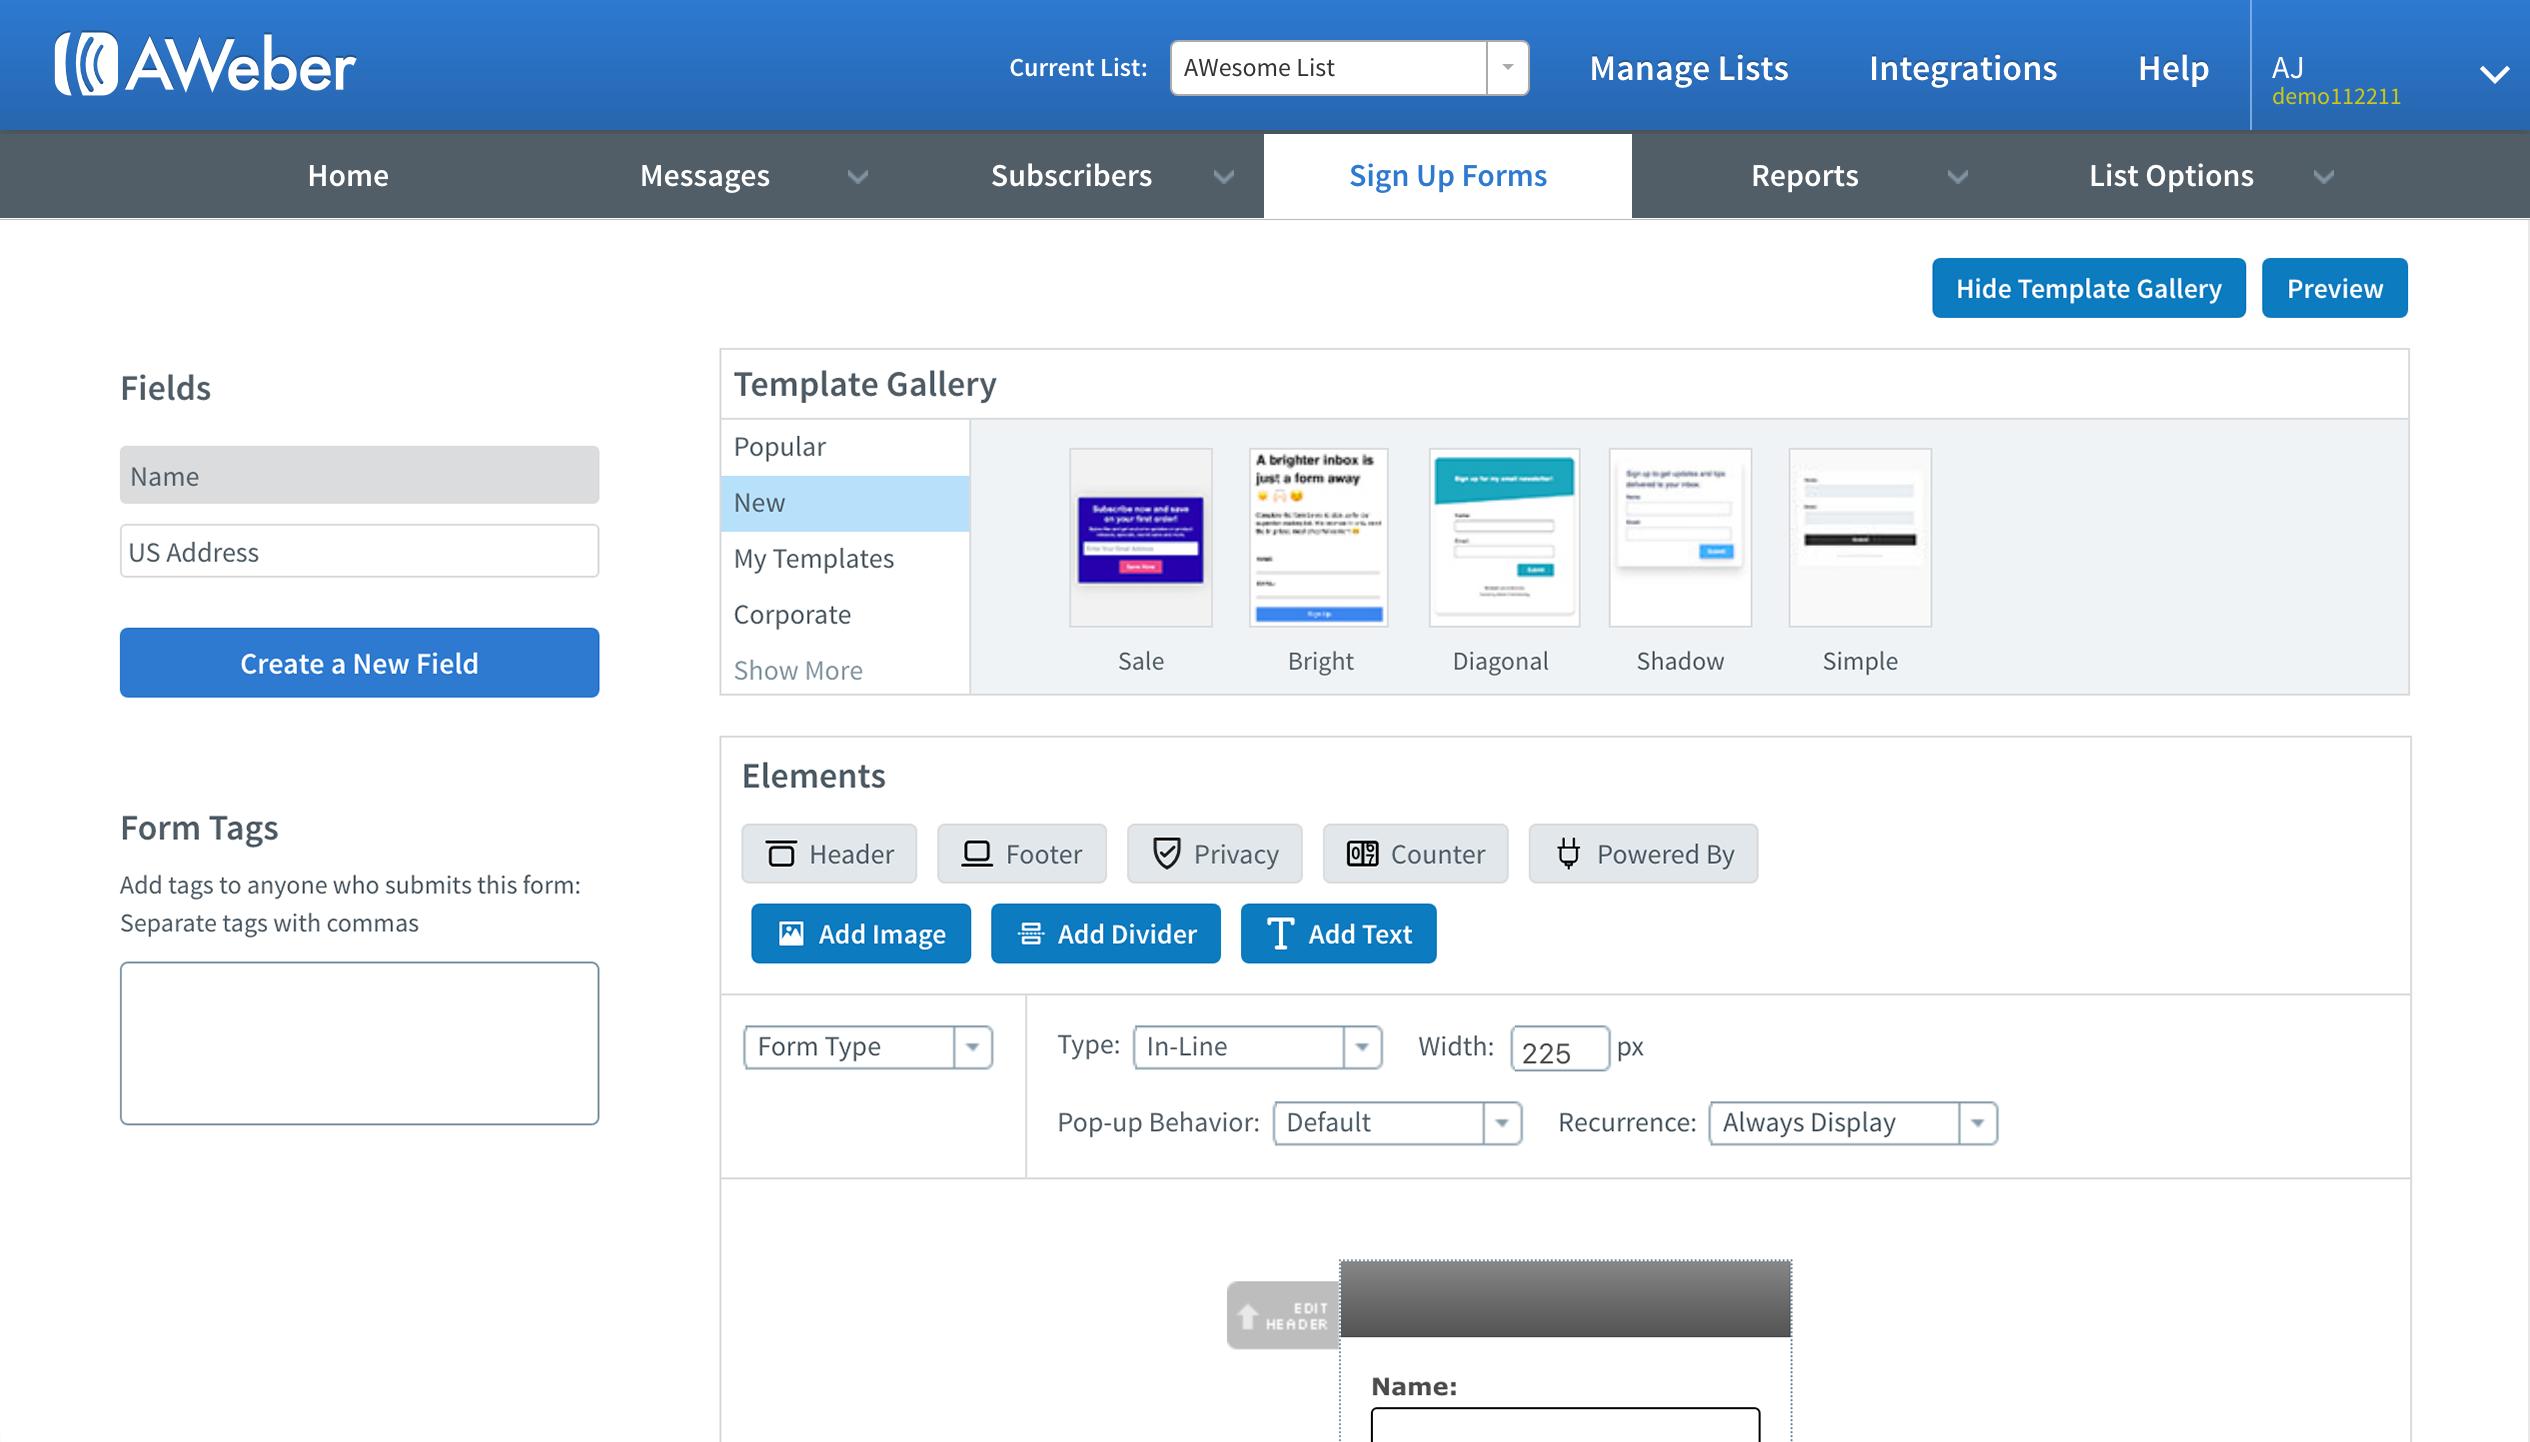 AWeber Software - Sign Up Form Builder